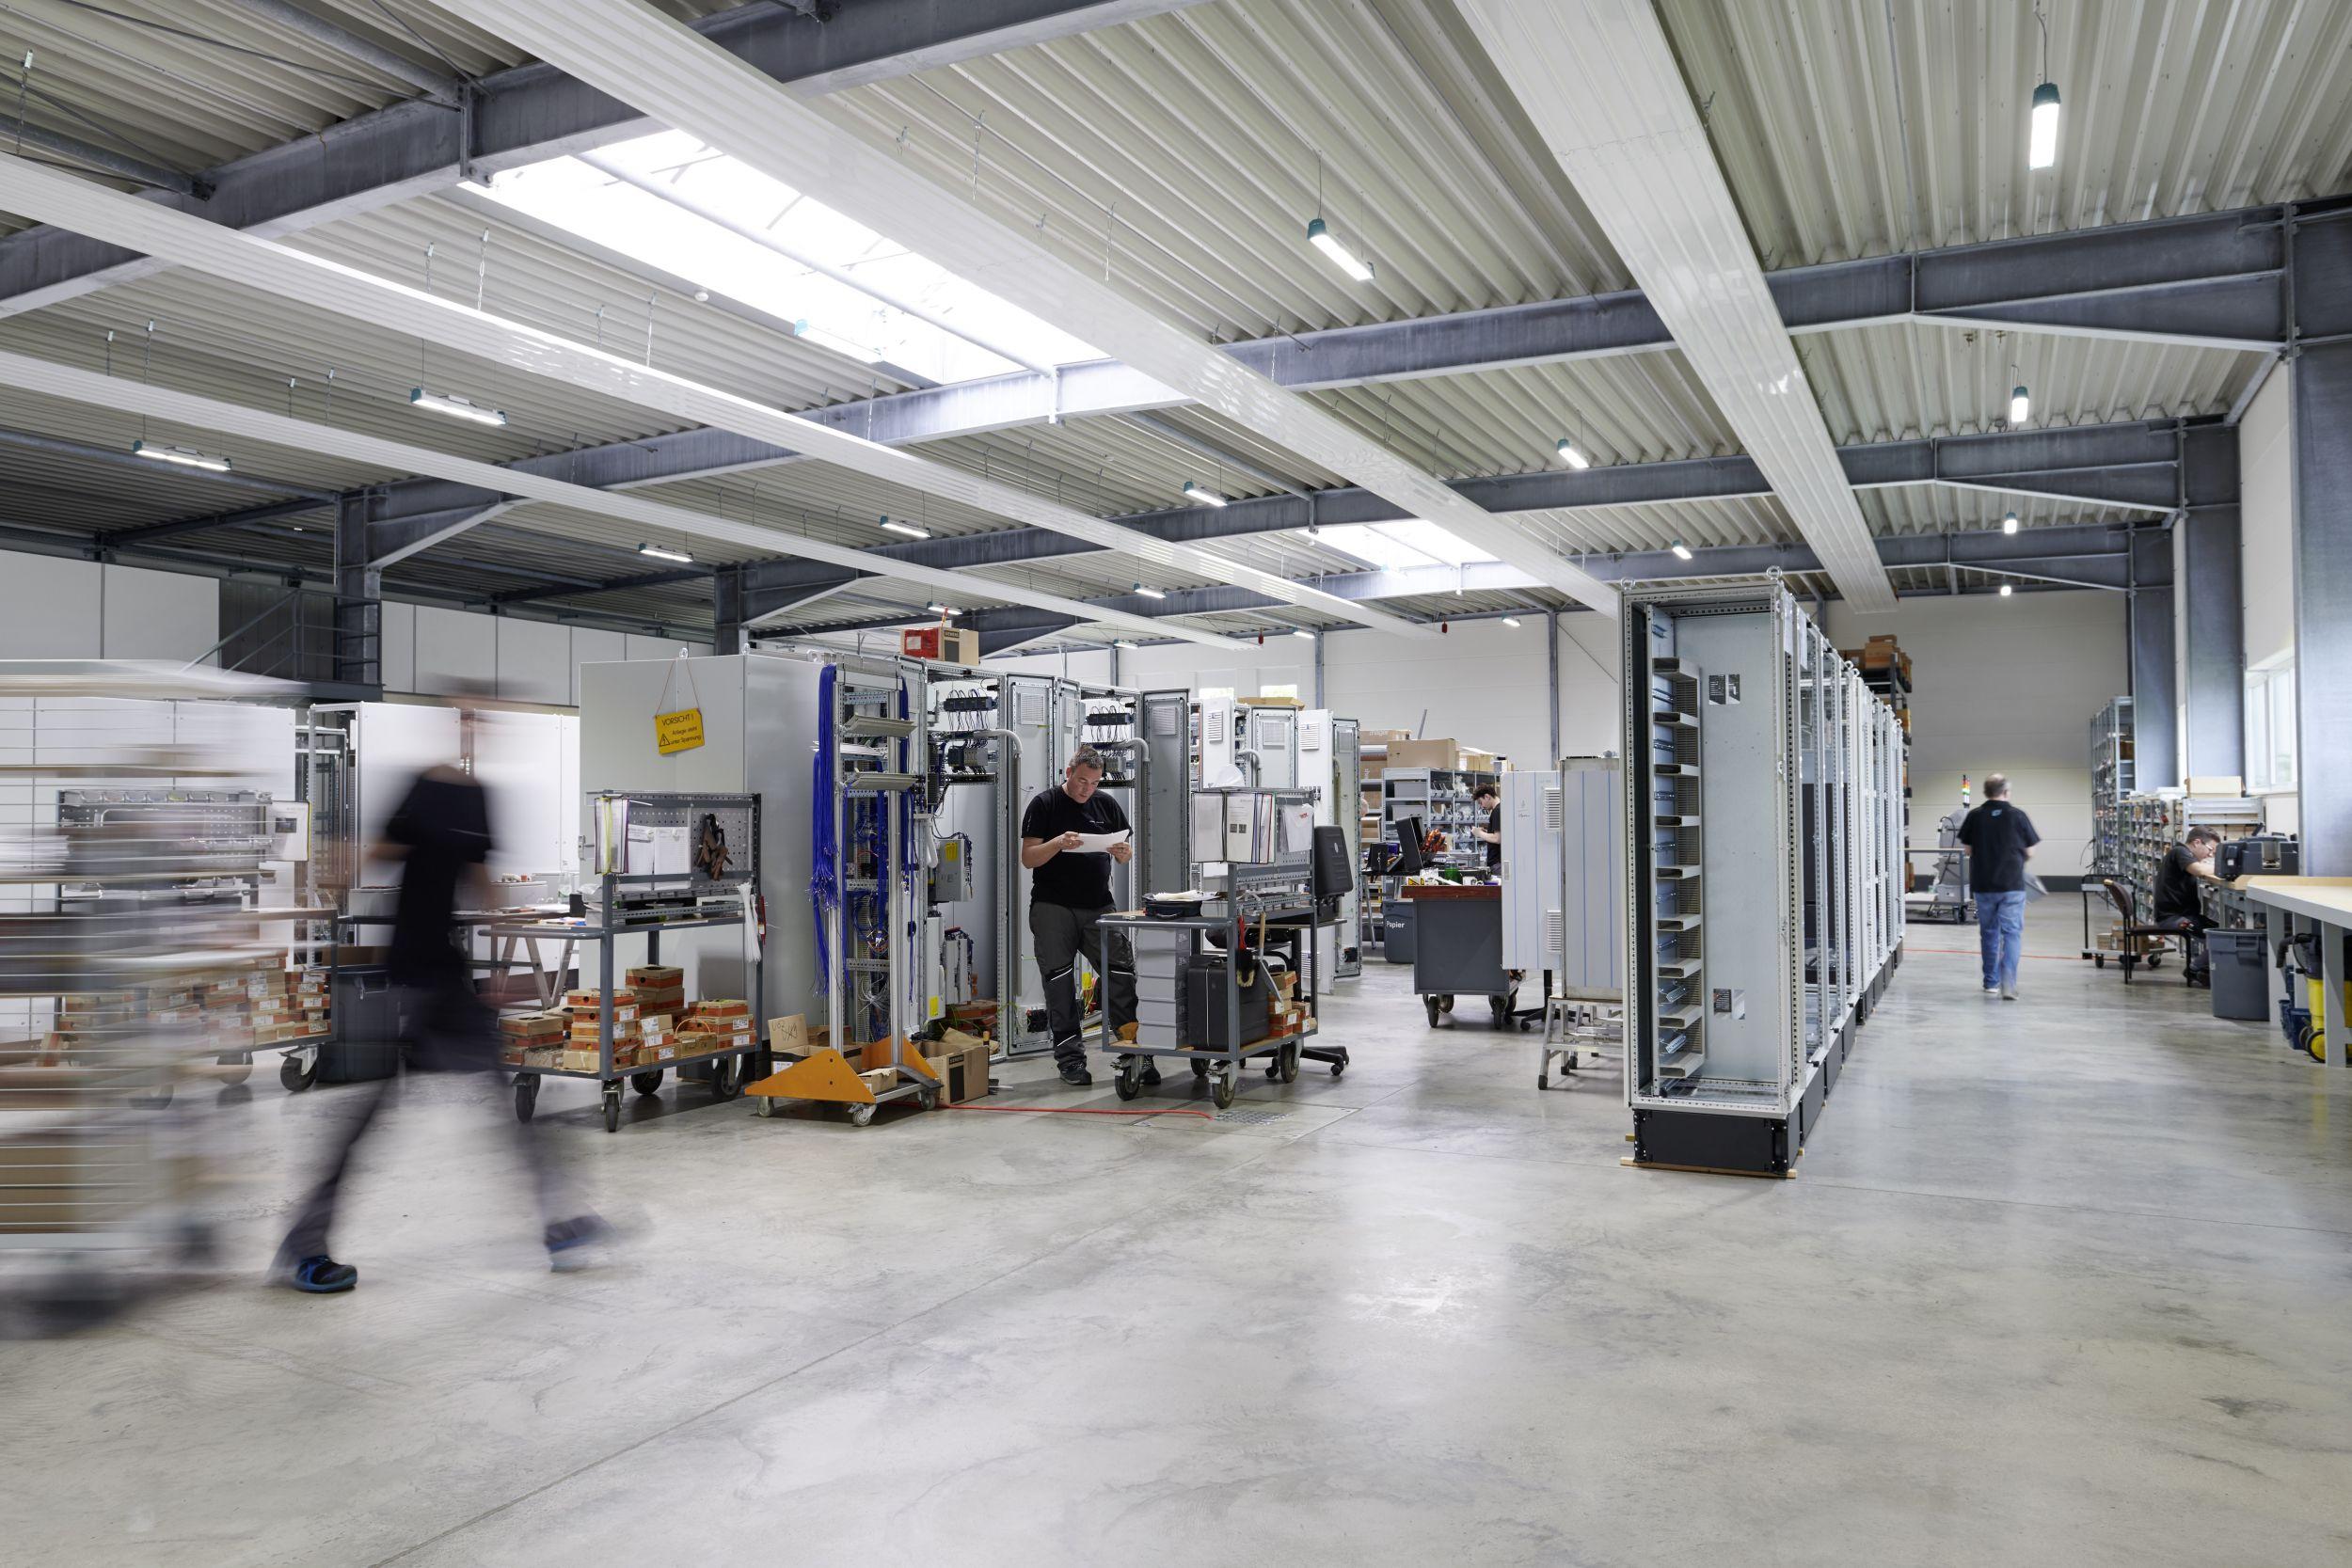 Der Steuerungs- und Schaltanlagenbauer hat mit durchgängigen Lösungen von der Software bis zur Fertigungsautomatisierung erhebliche Einsparungen erzielt. (Bild: Rittal GmbH & Co. KG)